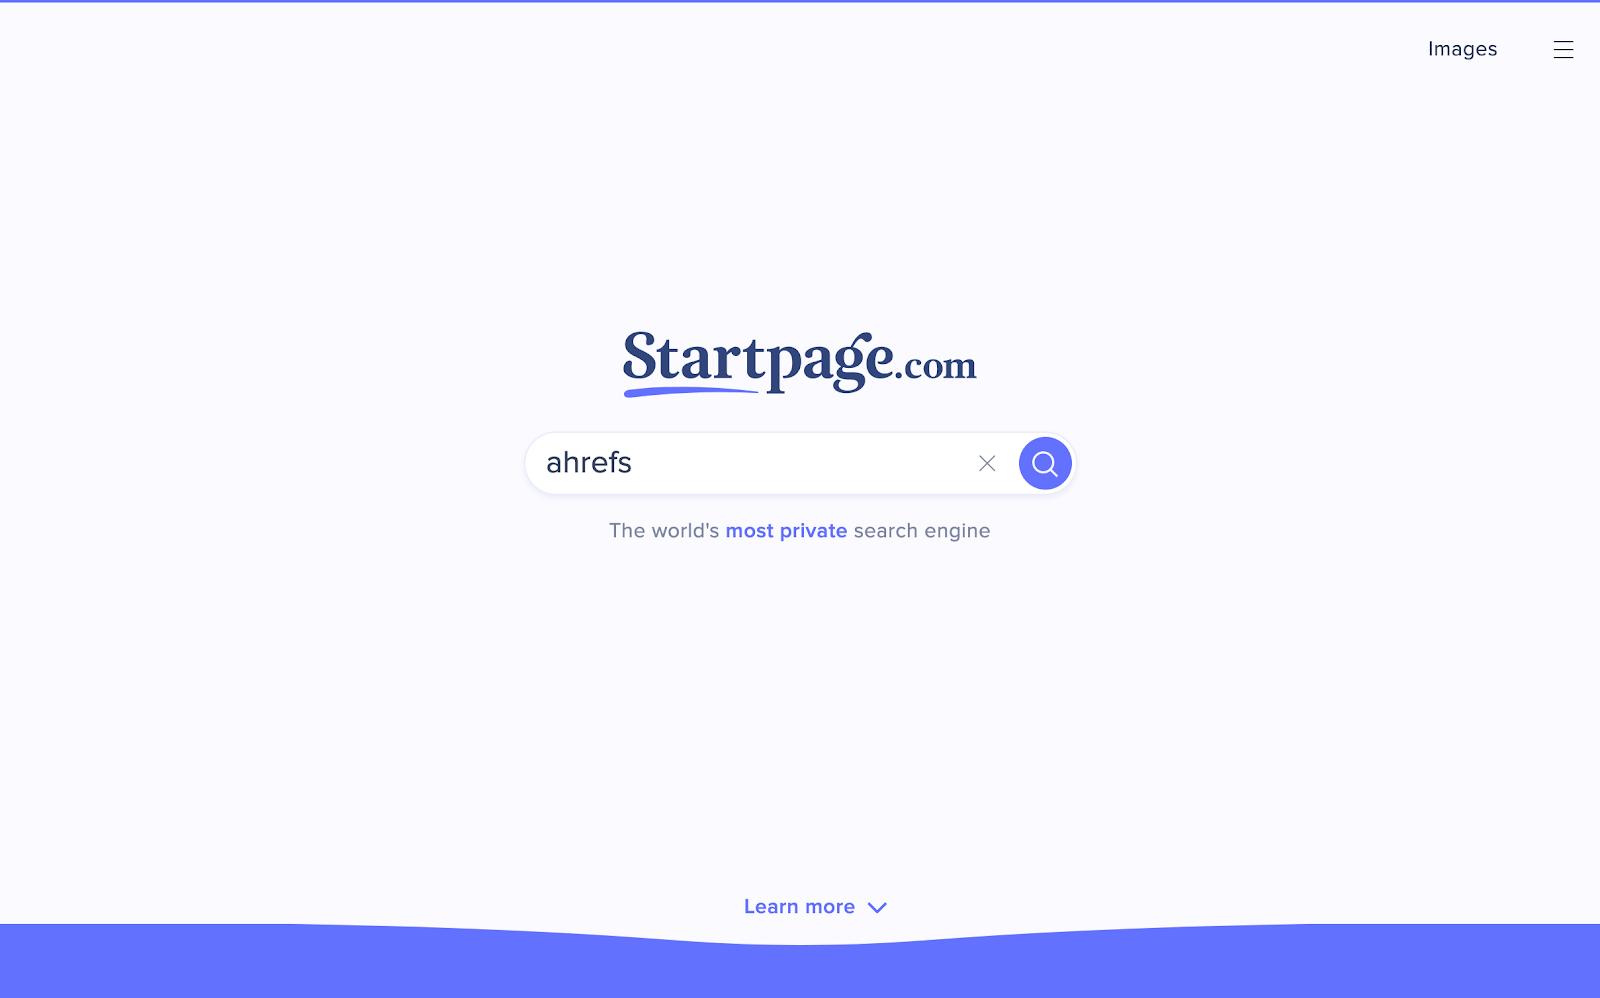 startpage 1